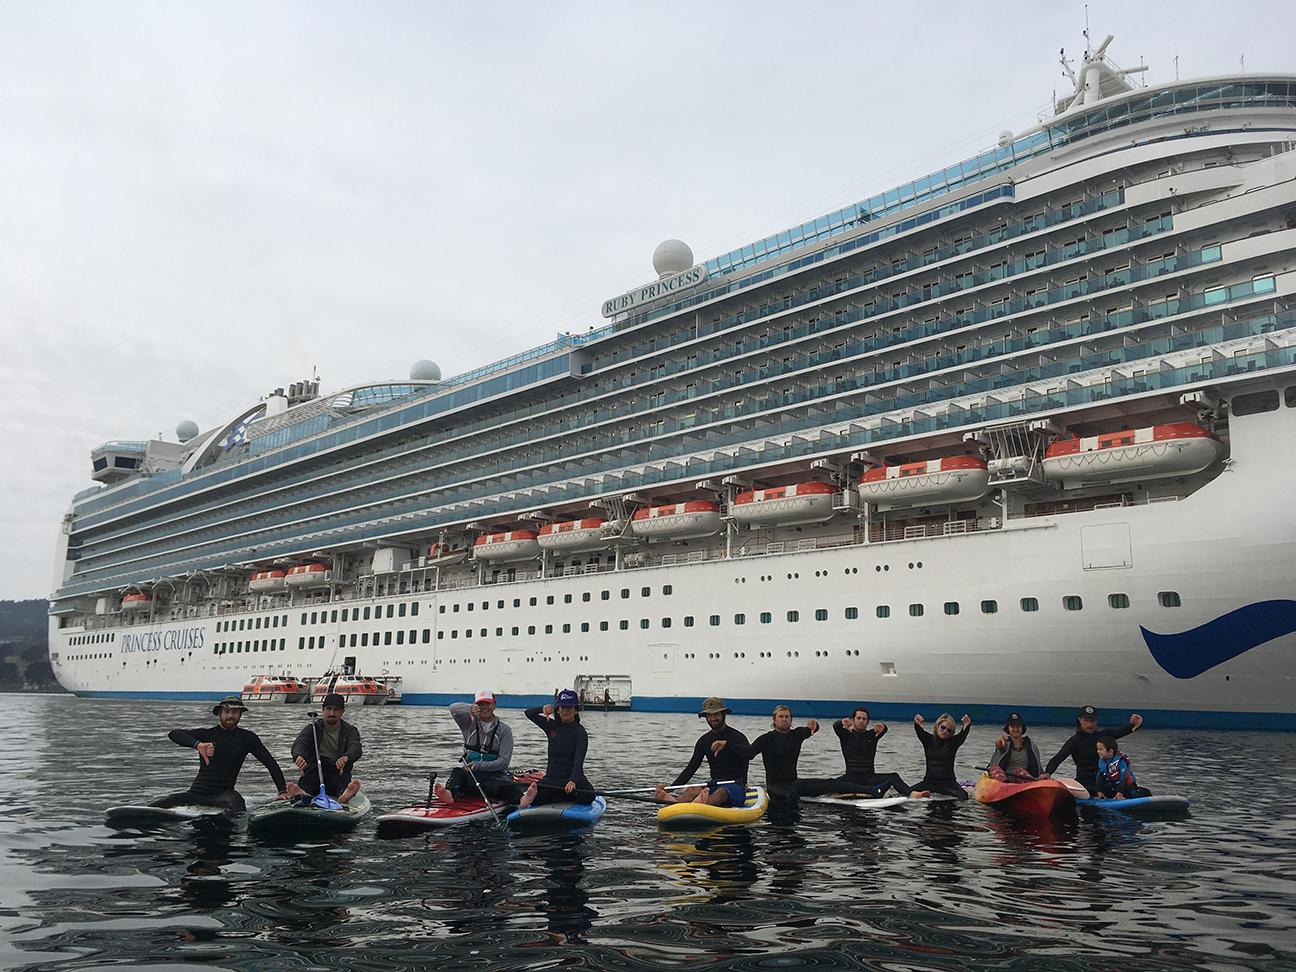 CruiseShipMonterey